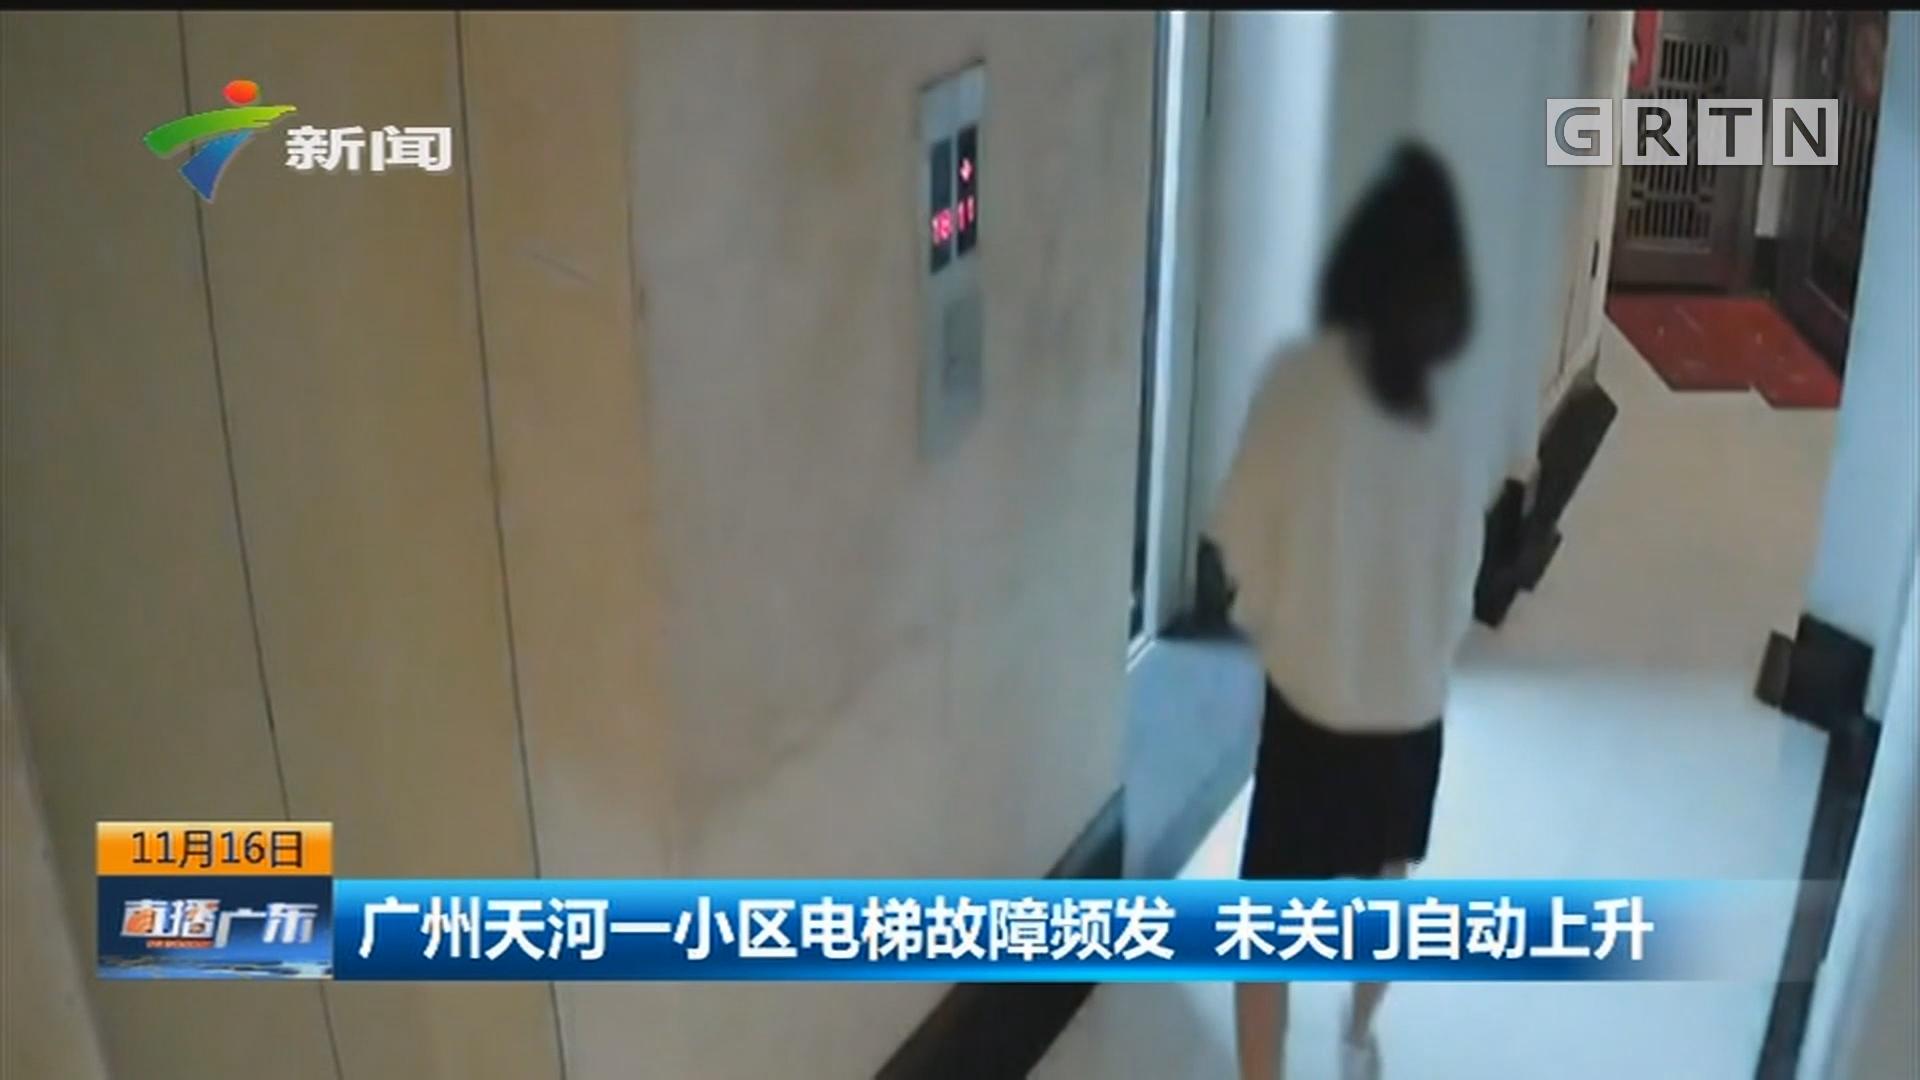 广州天河一小区电梯故障频发 未关门自动上升